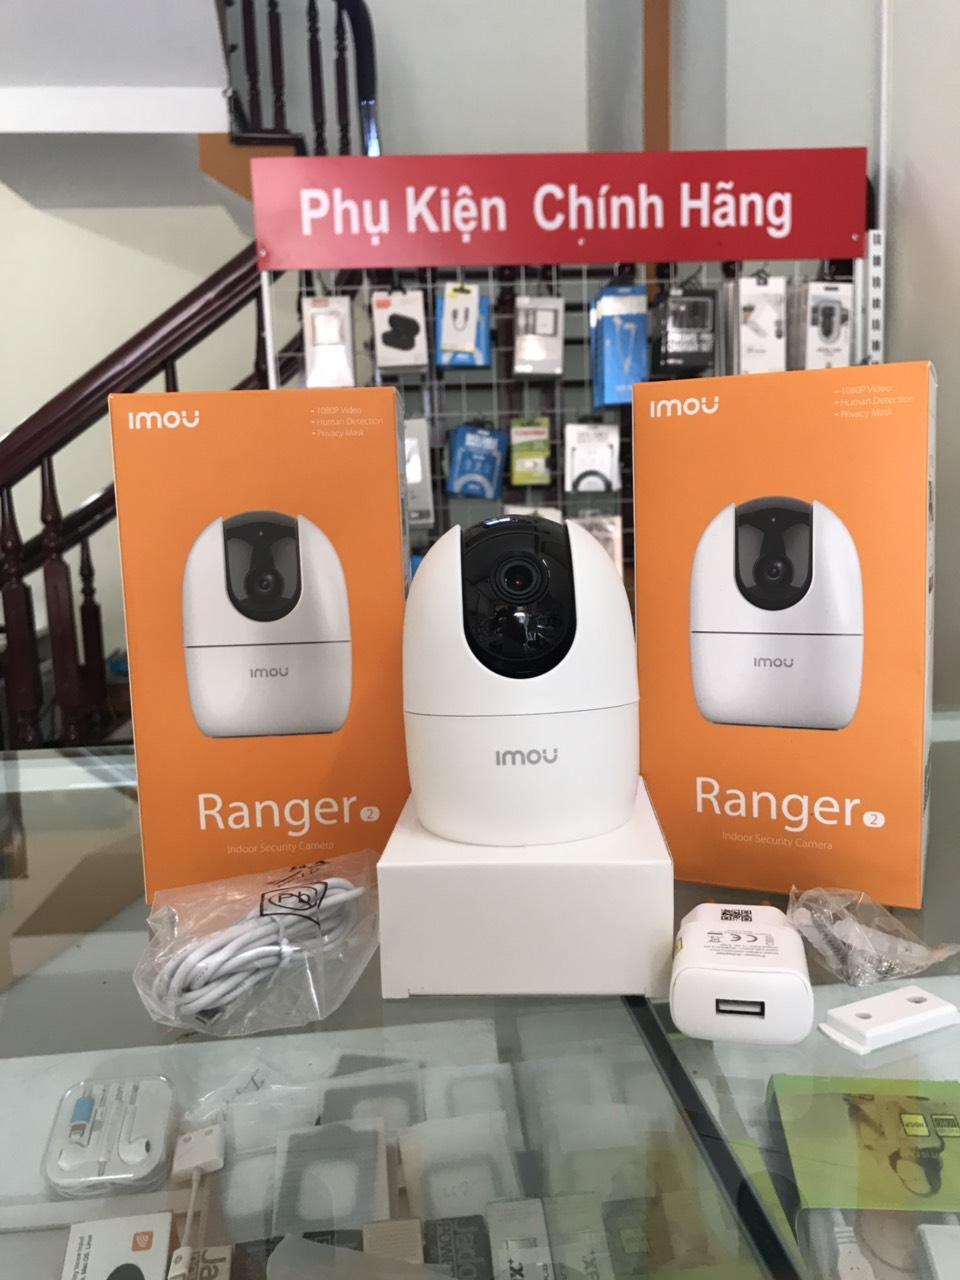 Camera IP WIFI IMOU IPC-A22EP ( 2.0MP ) DAHUA -Camera giám sát an ninh không dây - Âm thanh 2 chiều